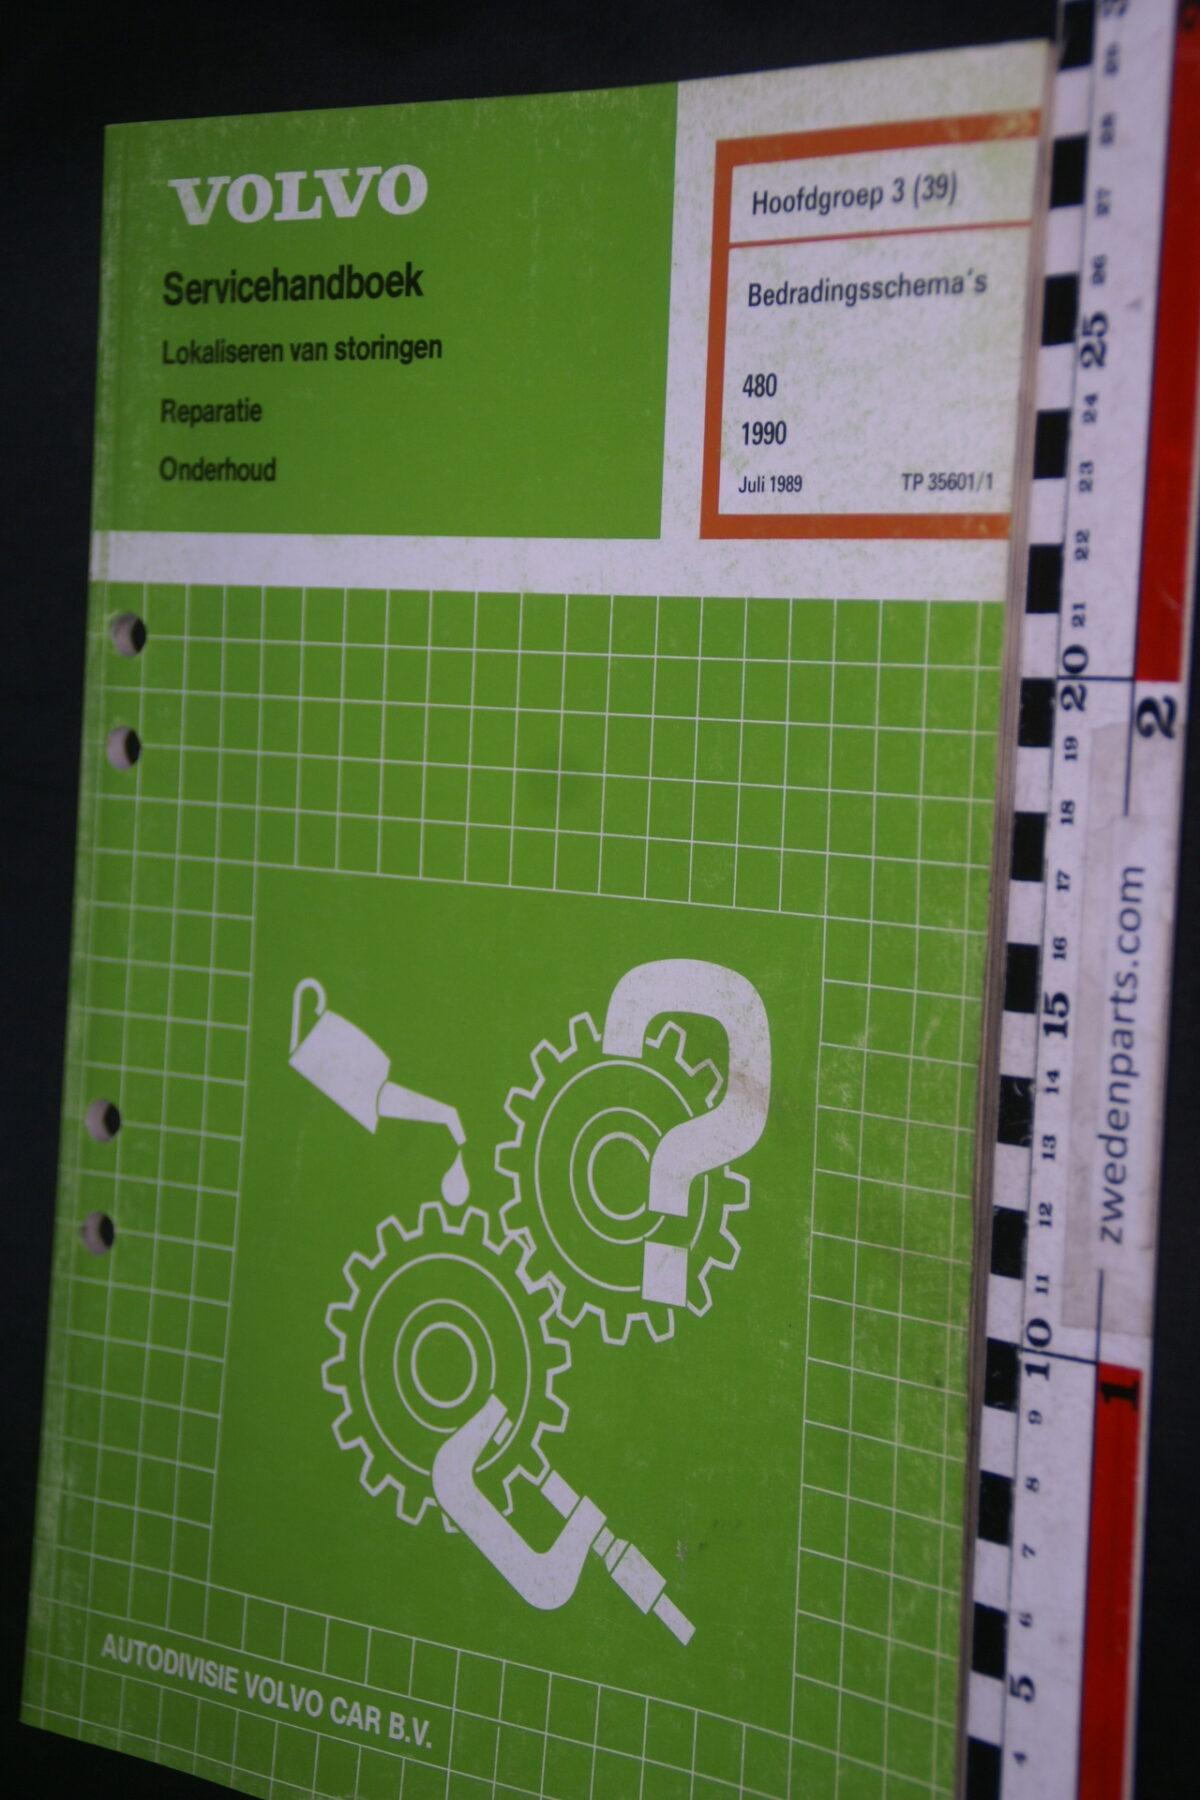 DSC08862 1989 origineel Volvo 480 servicehandboek  3 (39) bedradingsschema 1 van 1.200 TP 35601-1